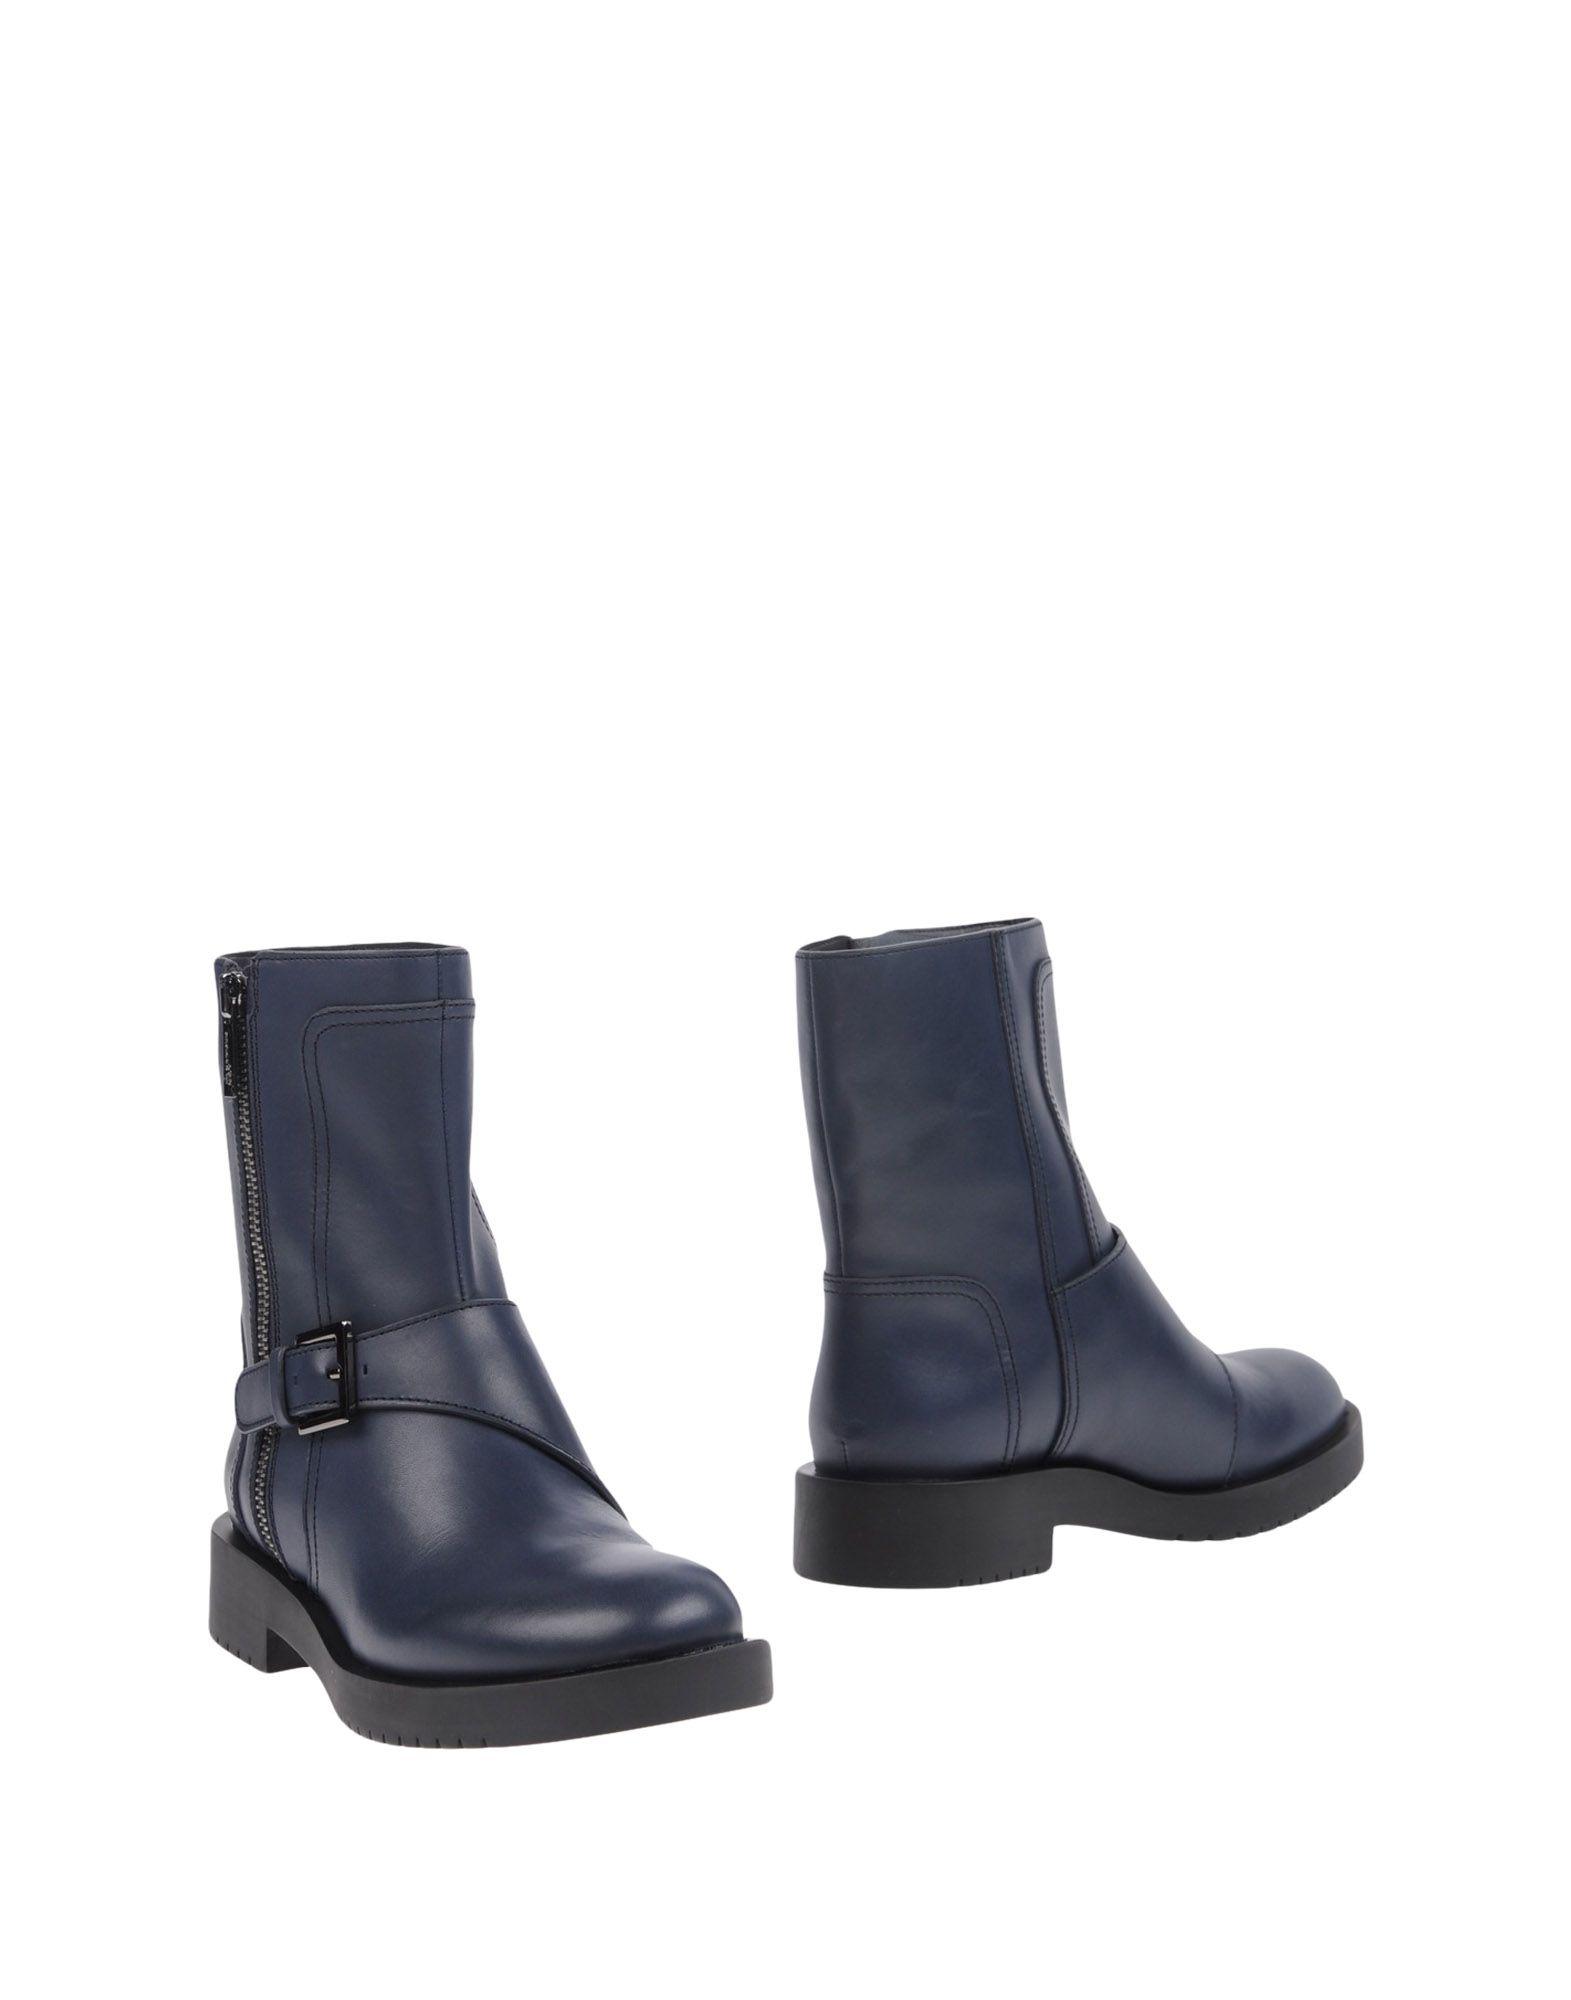 Jil Sander Navy Stiefelette Damen  11226059VFGut aussehende strapazierfähige Schuhe